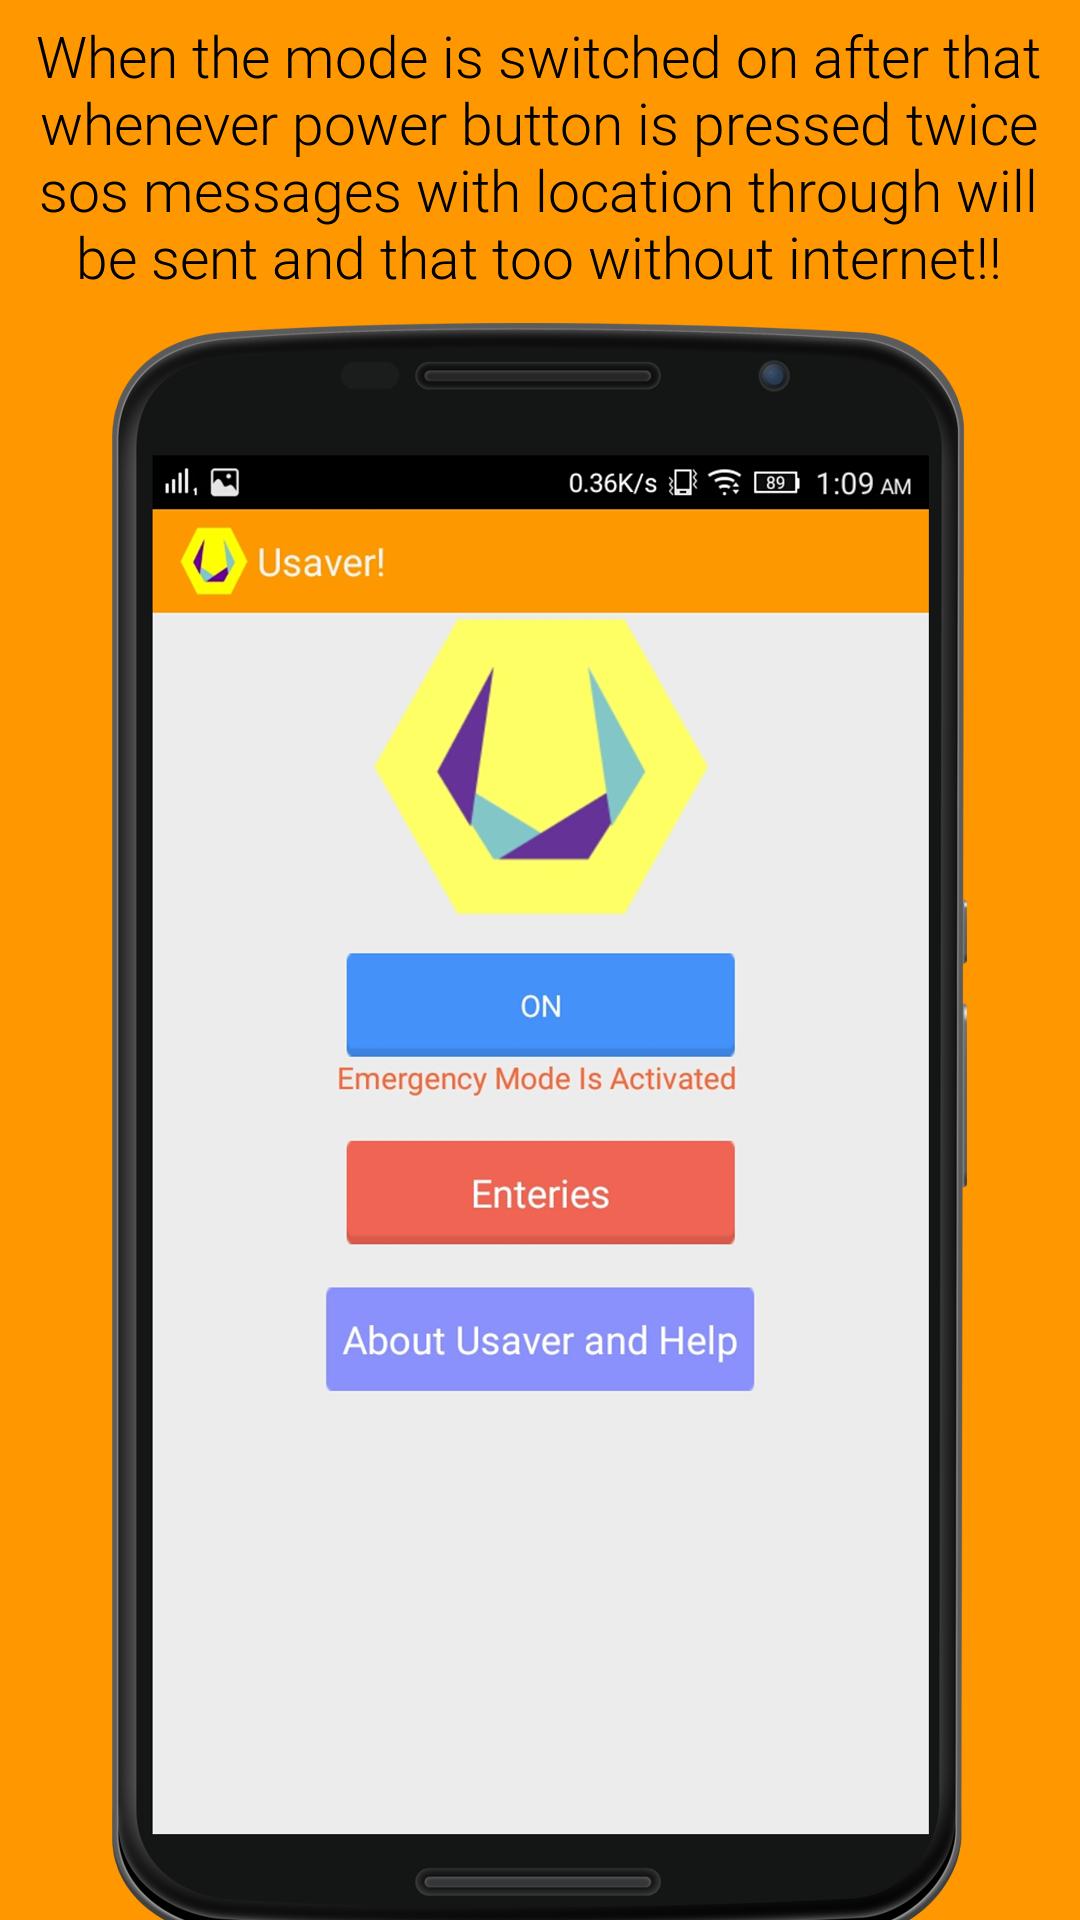 Usaver! – 'The LifeSaver App'